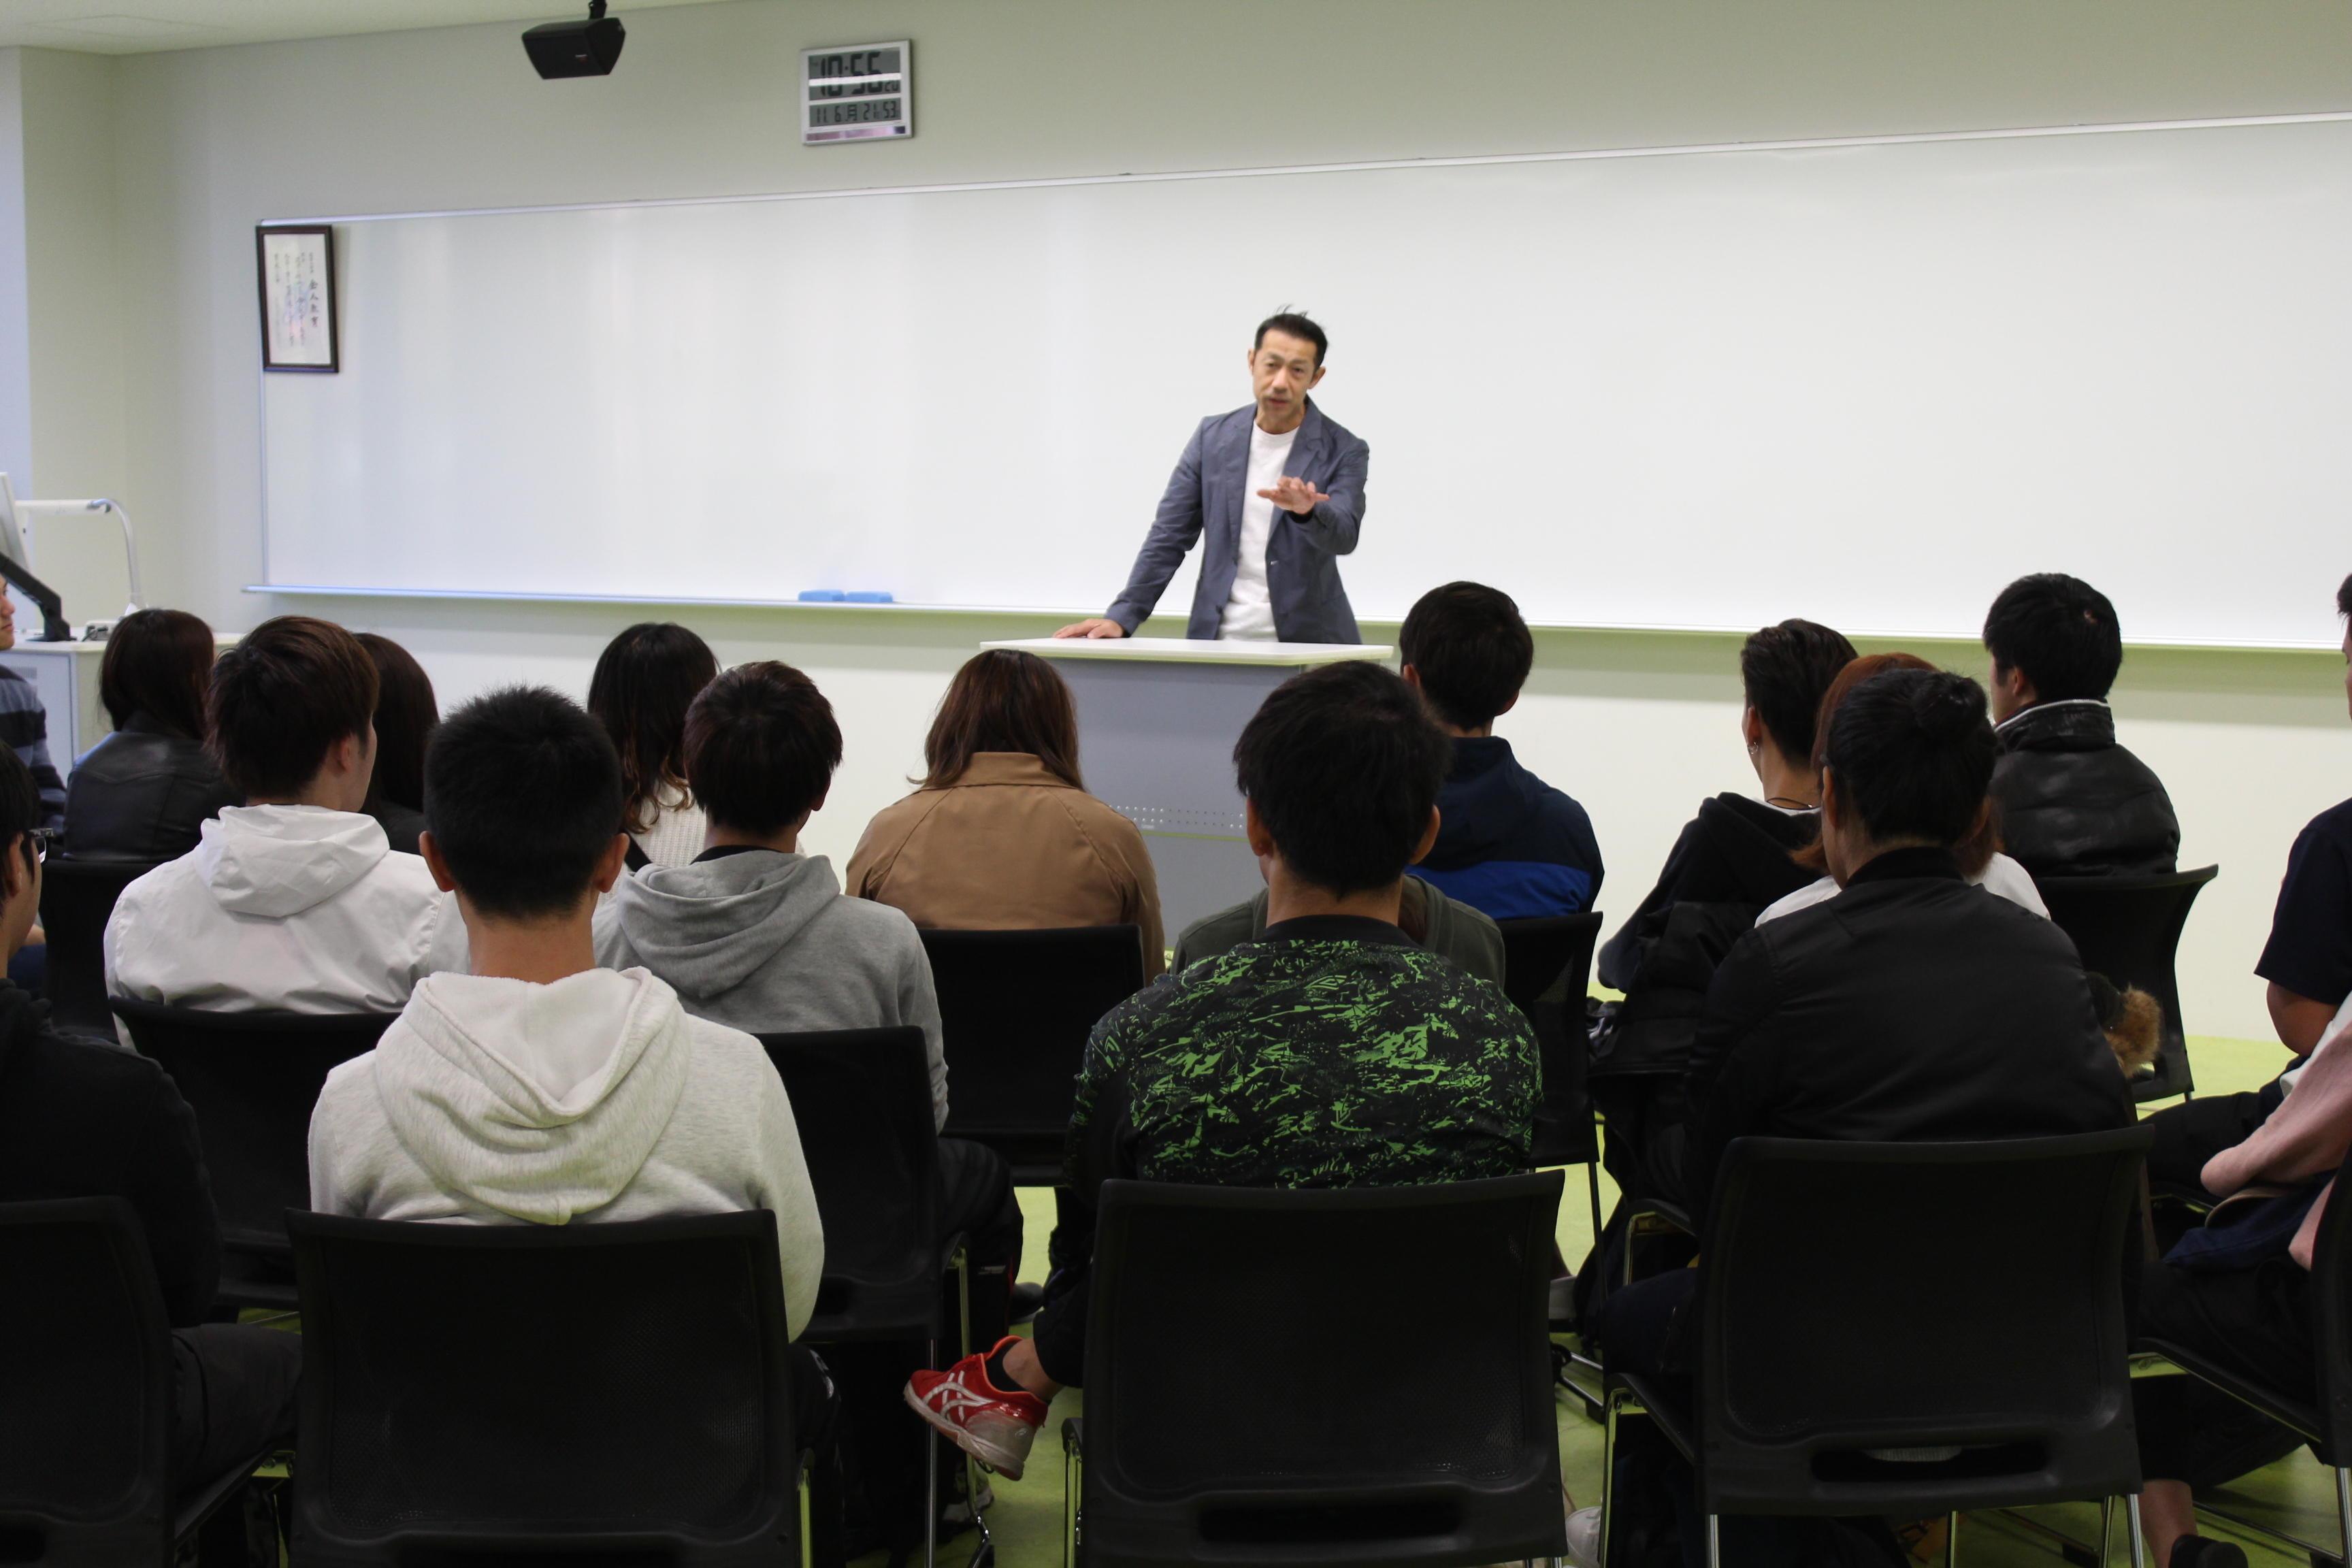 タレントの森脇健児氏を招いて「プロとして今できることを考える」をテーマに仕事へのモチベーション維持の仕方など語る講演会を11月14日に開催 -- 大阪国際大学